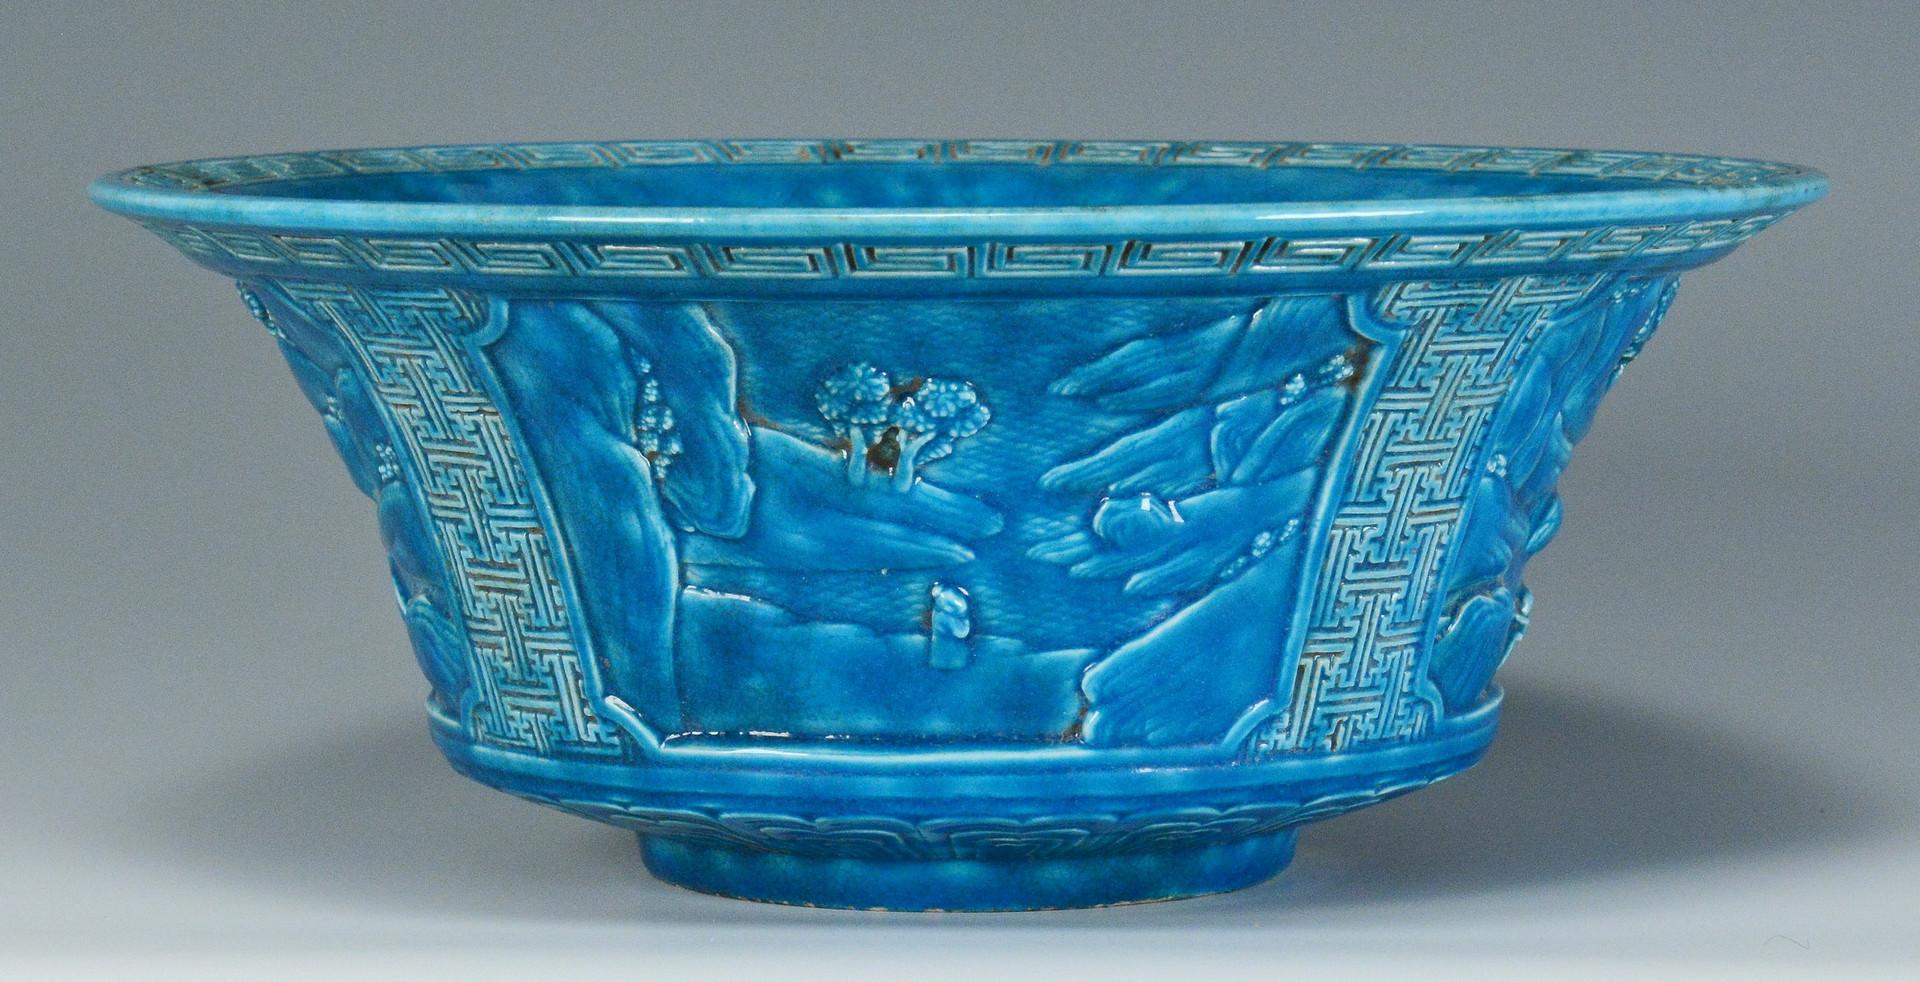 Lot 248: Chinese Blue Glazed Bowl